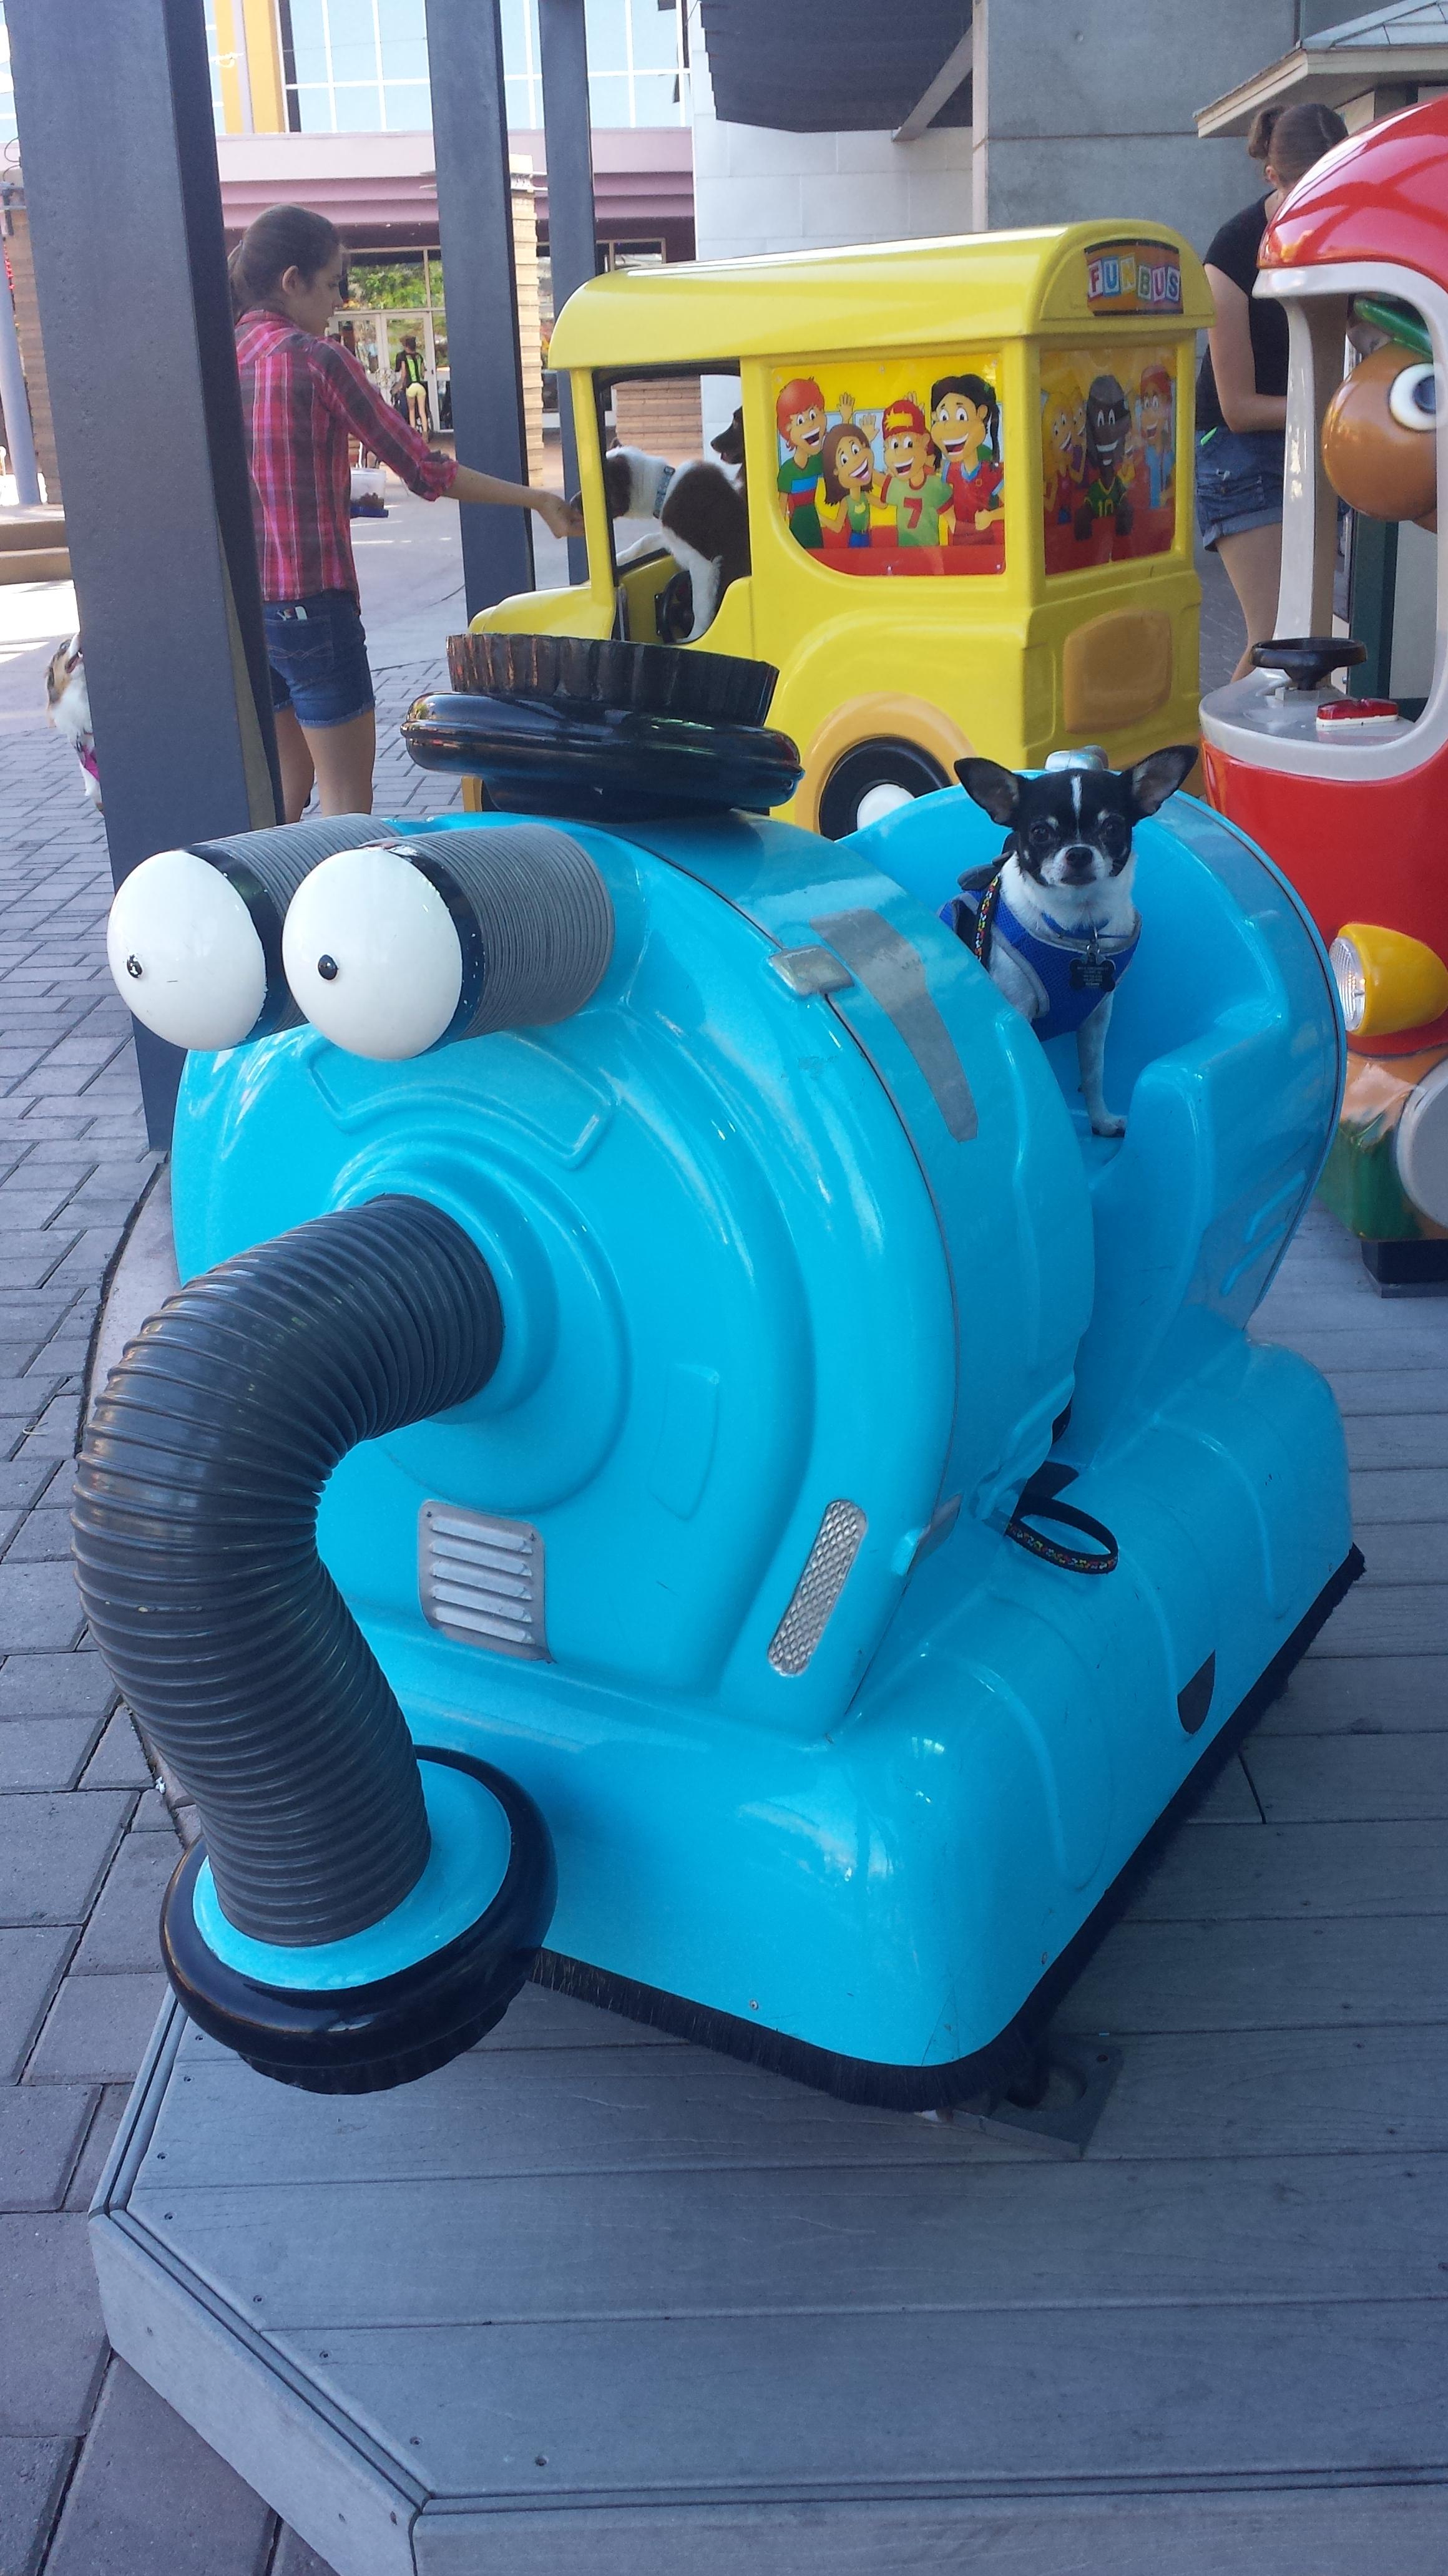 The Teletubbie vacuum.